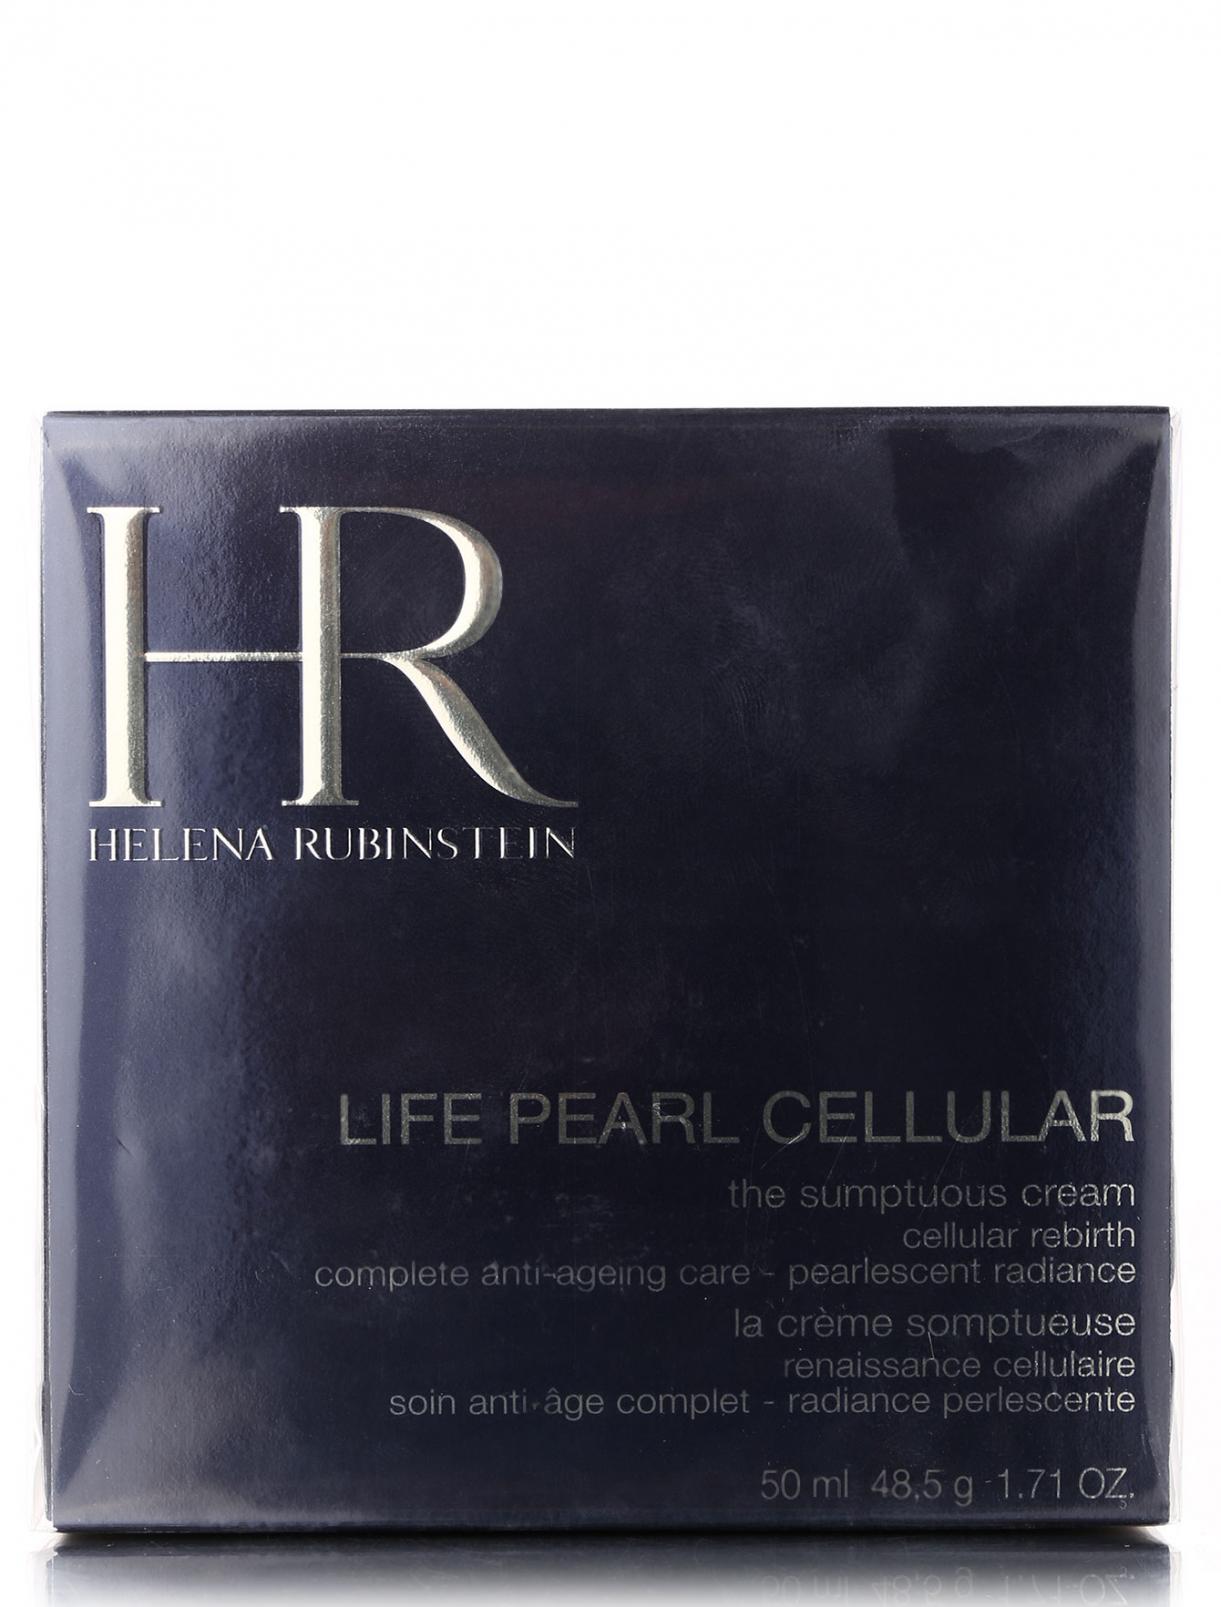 Крем для лица с клеточным комплексом - Life Pearl Cellular, 50ml Helena Rubinstein  –  Модель Общий вид